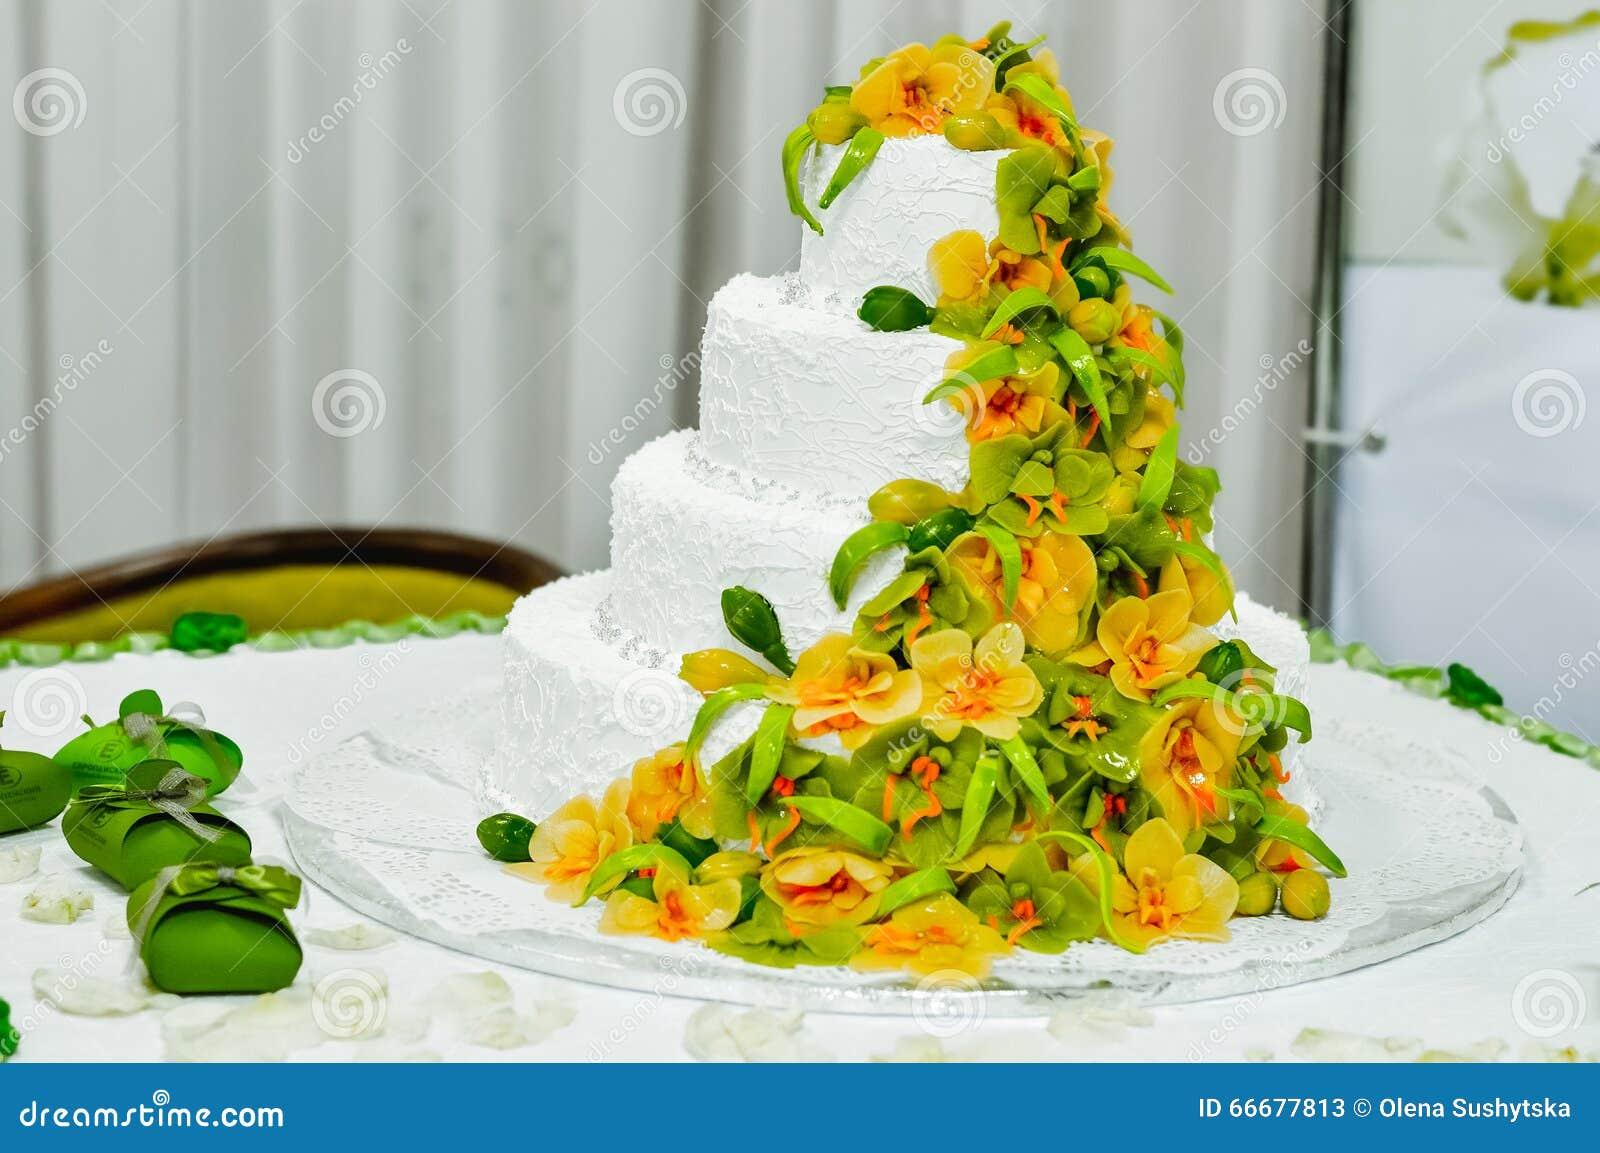 Wedding Cake Decorated Fruit Stock Photo - Image: 66677813